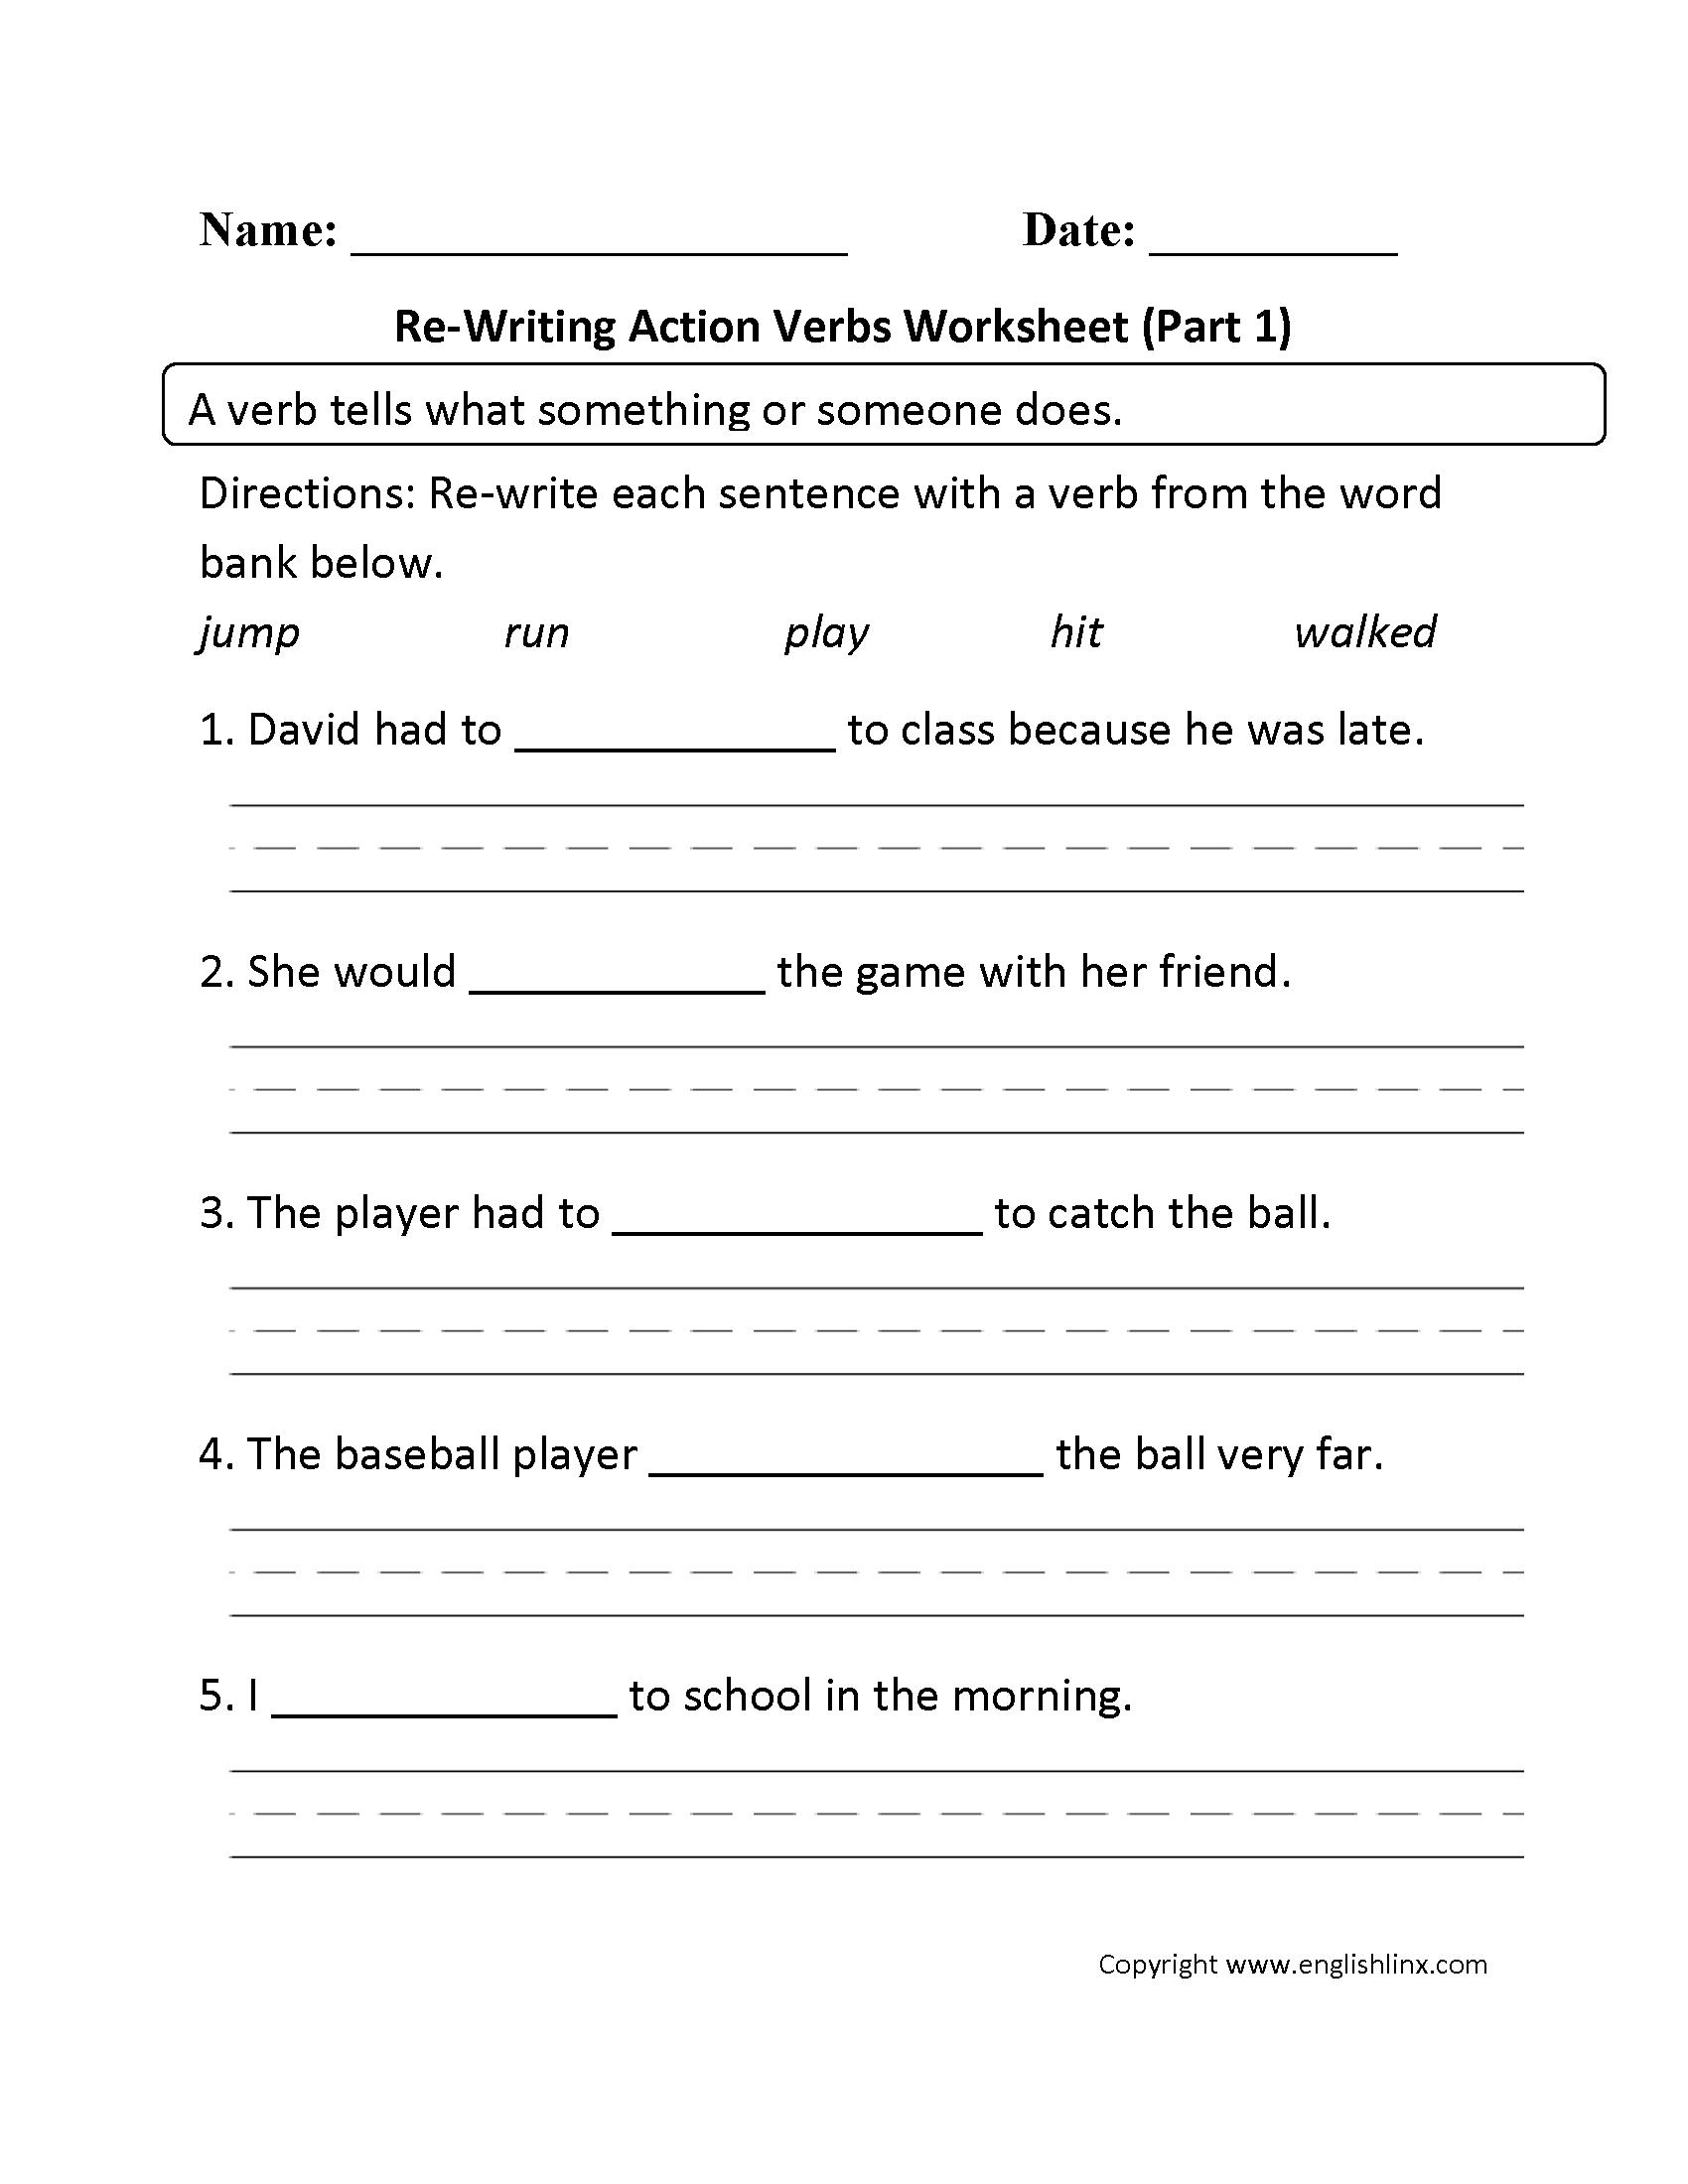 Verbs Worksheets | Action Verbs Worksheets - Free Printable Verb Worksheets